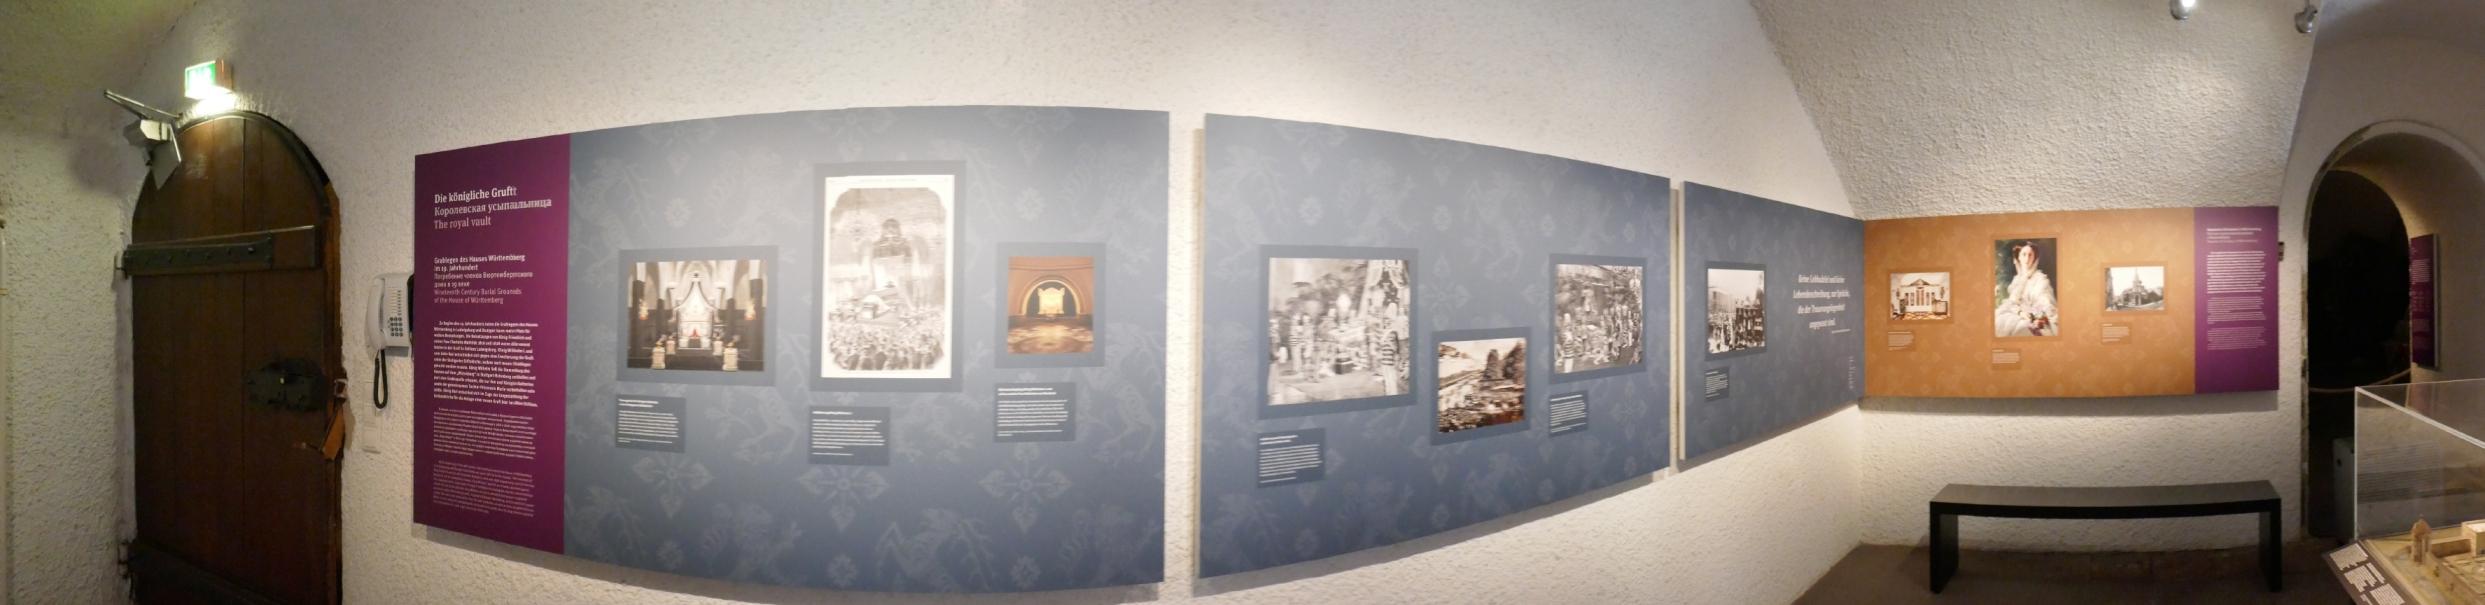 neue Ausstellungstafeln im Vorraum der Gruft ab 24.07.2019 © Landesmuseum Württemberg CC BY-SA